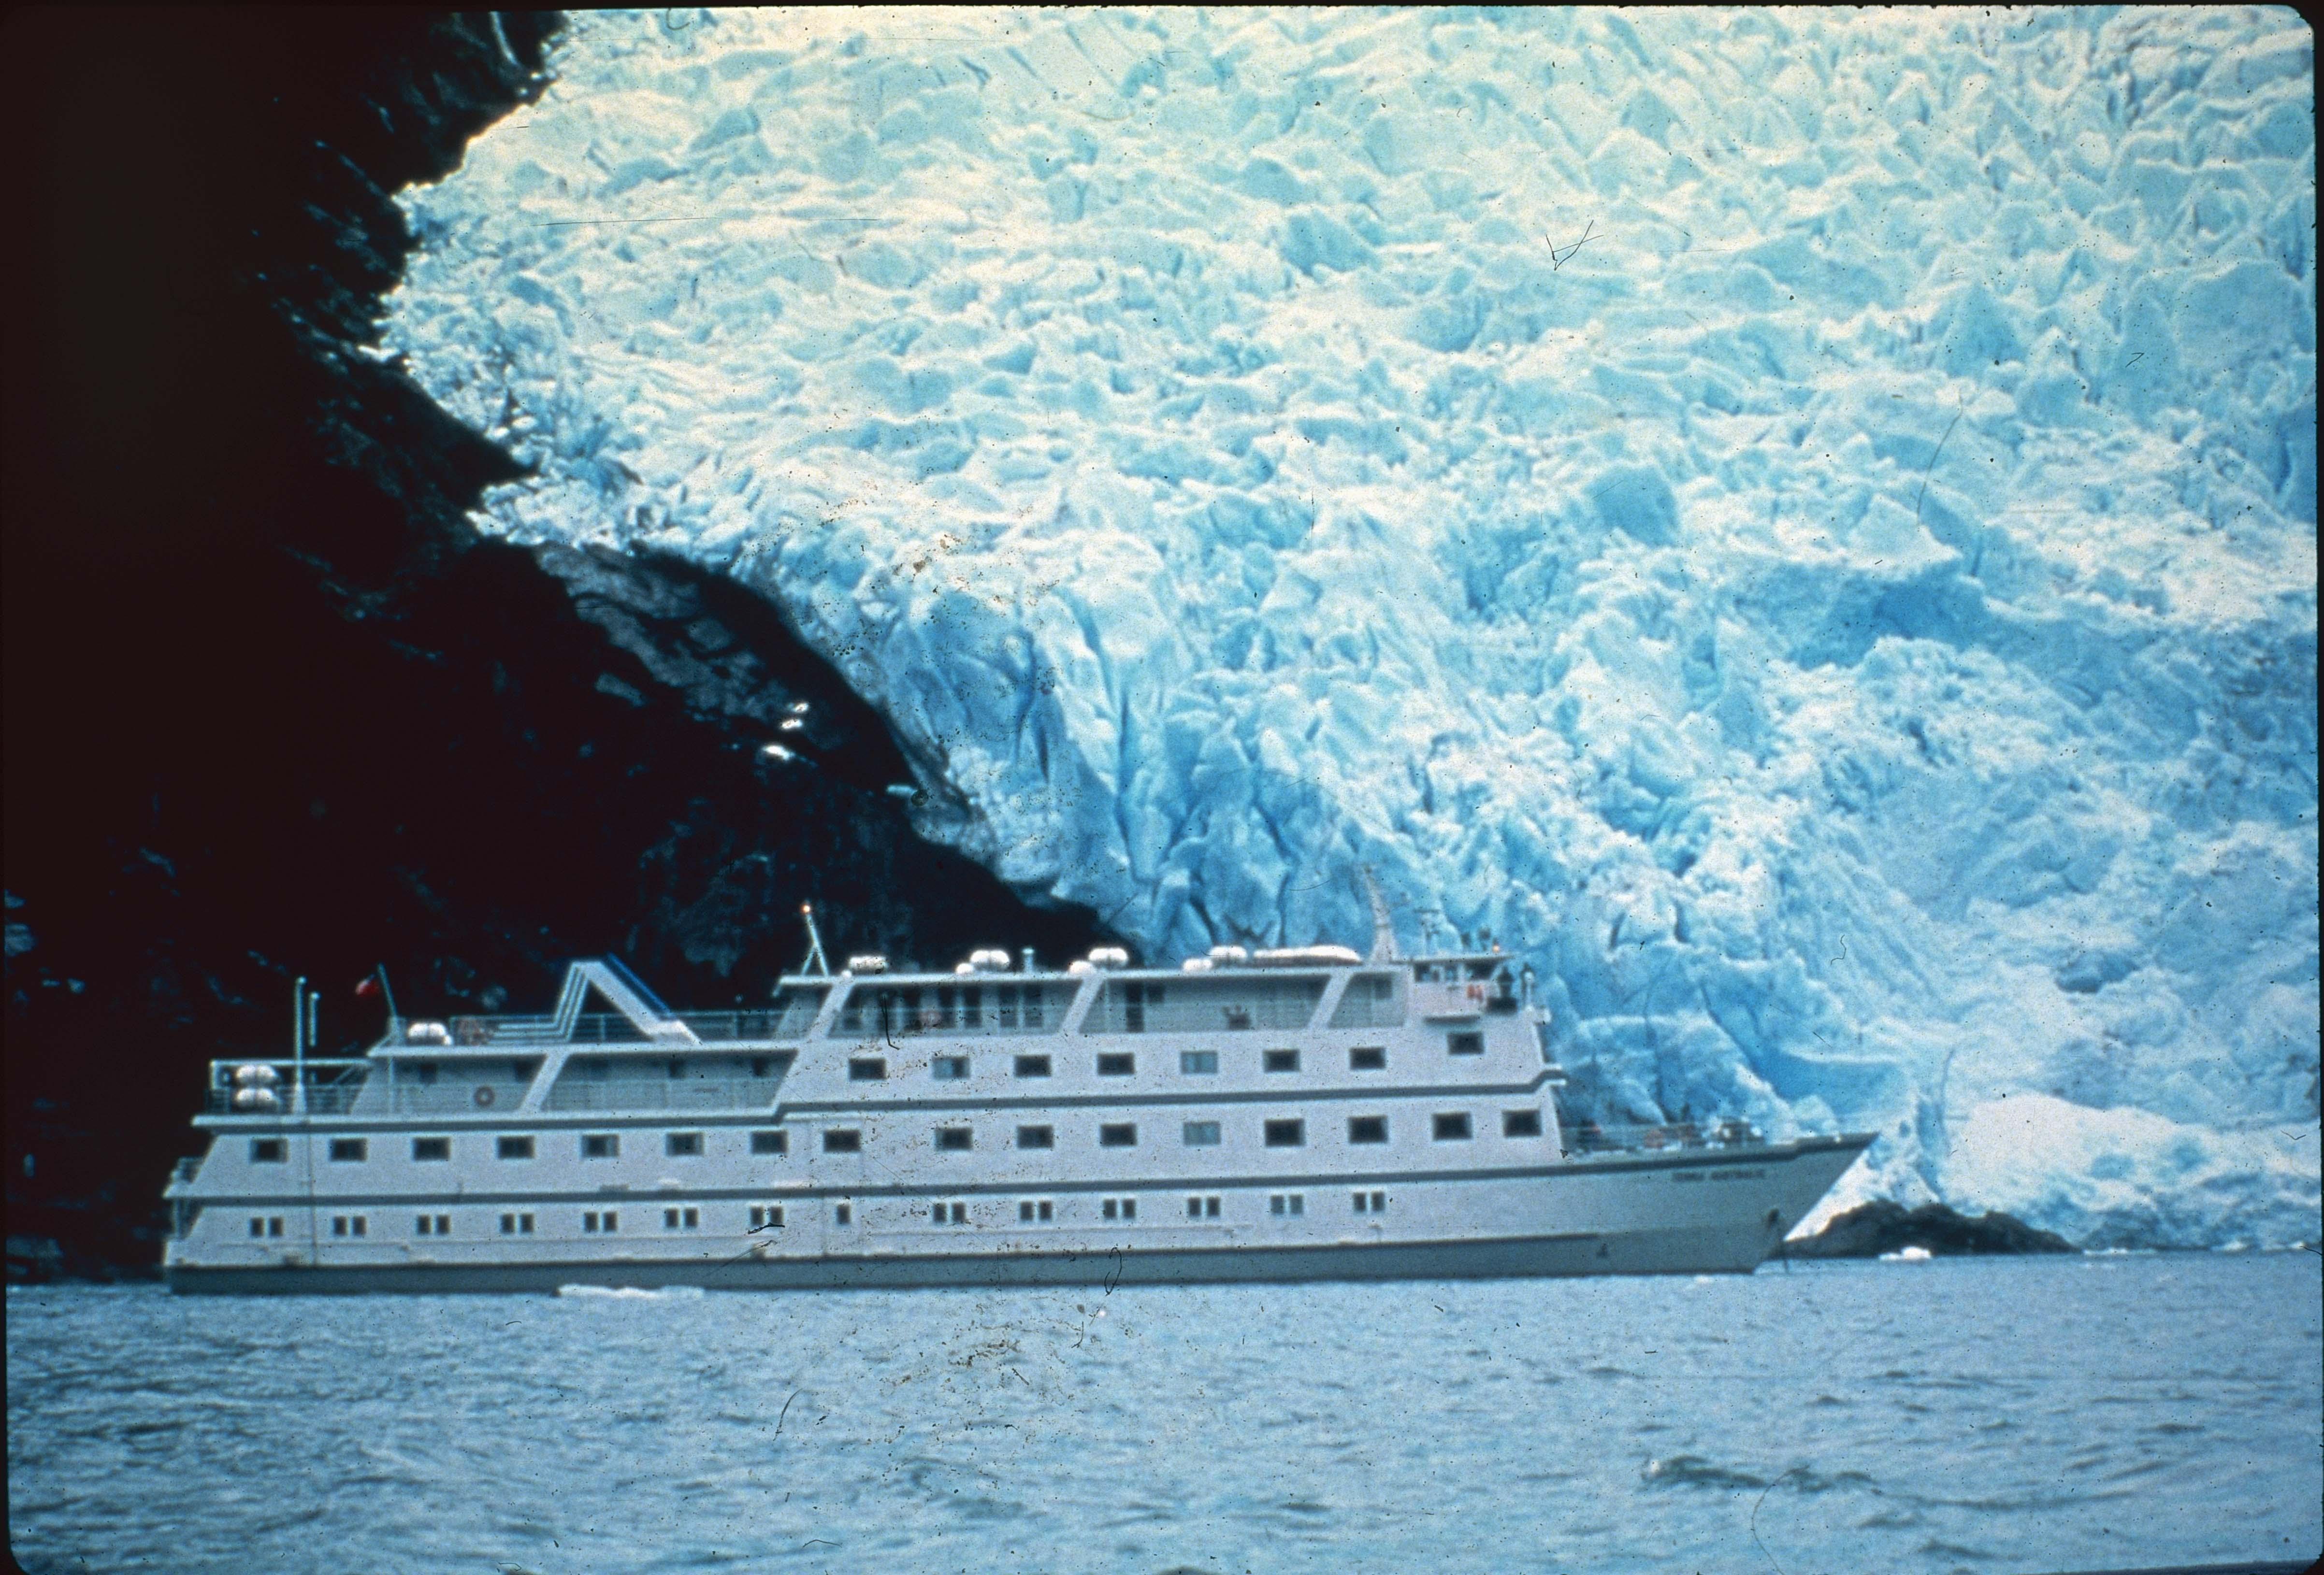 Enterreno - Fotos históricas de chile - fotos antiguas de Chile - Crucero y glaciar en los 90s